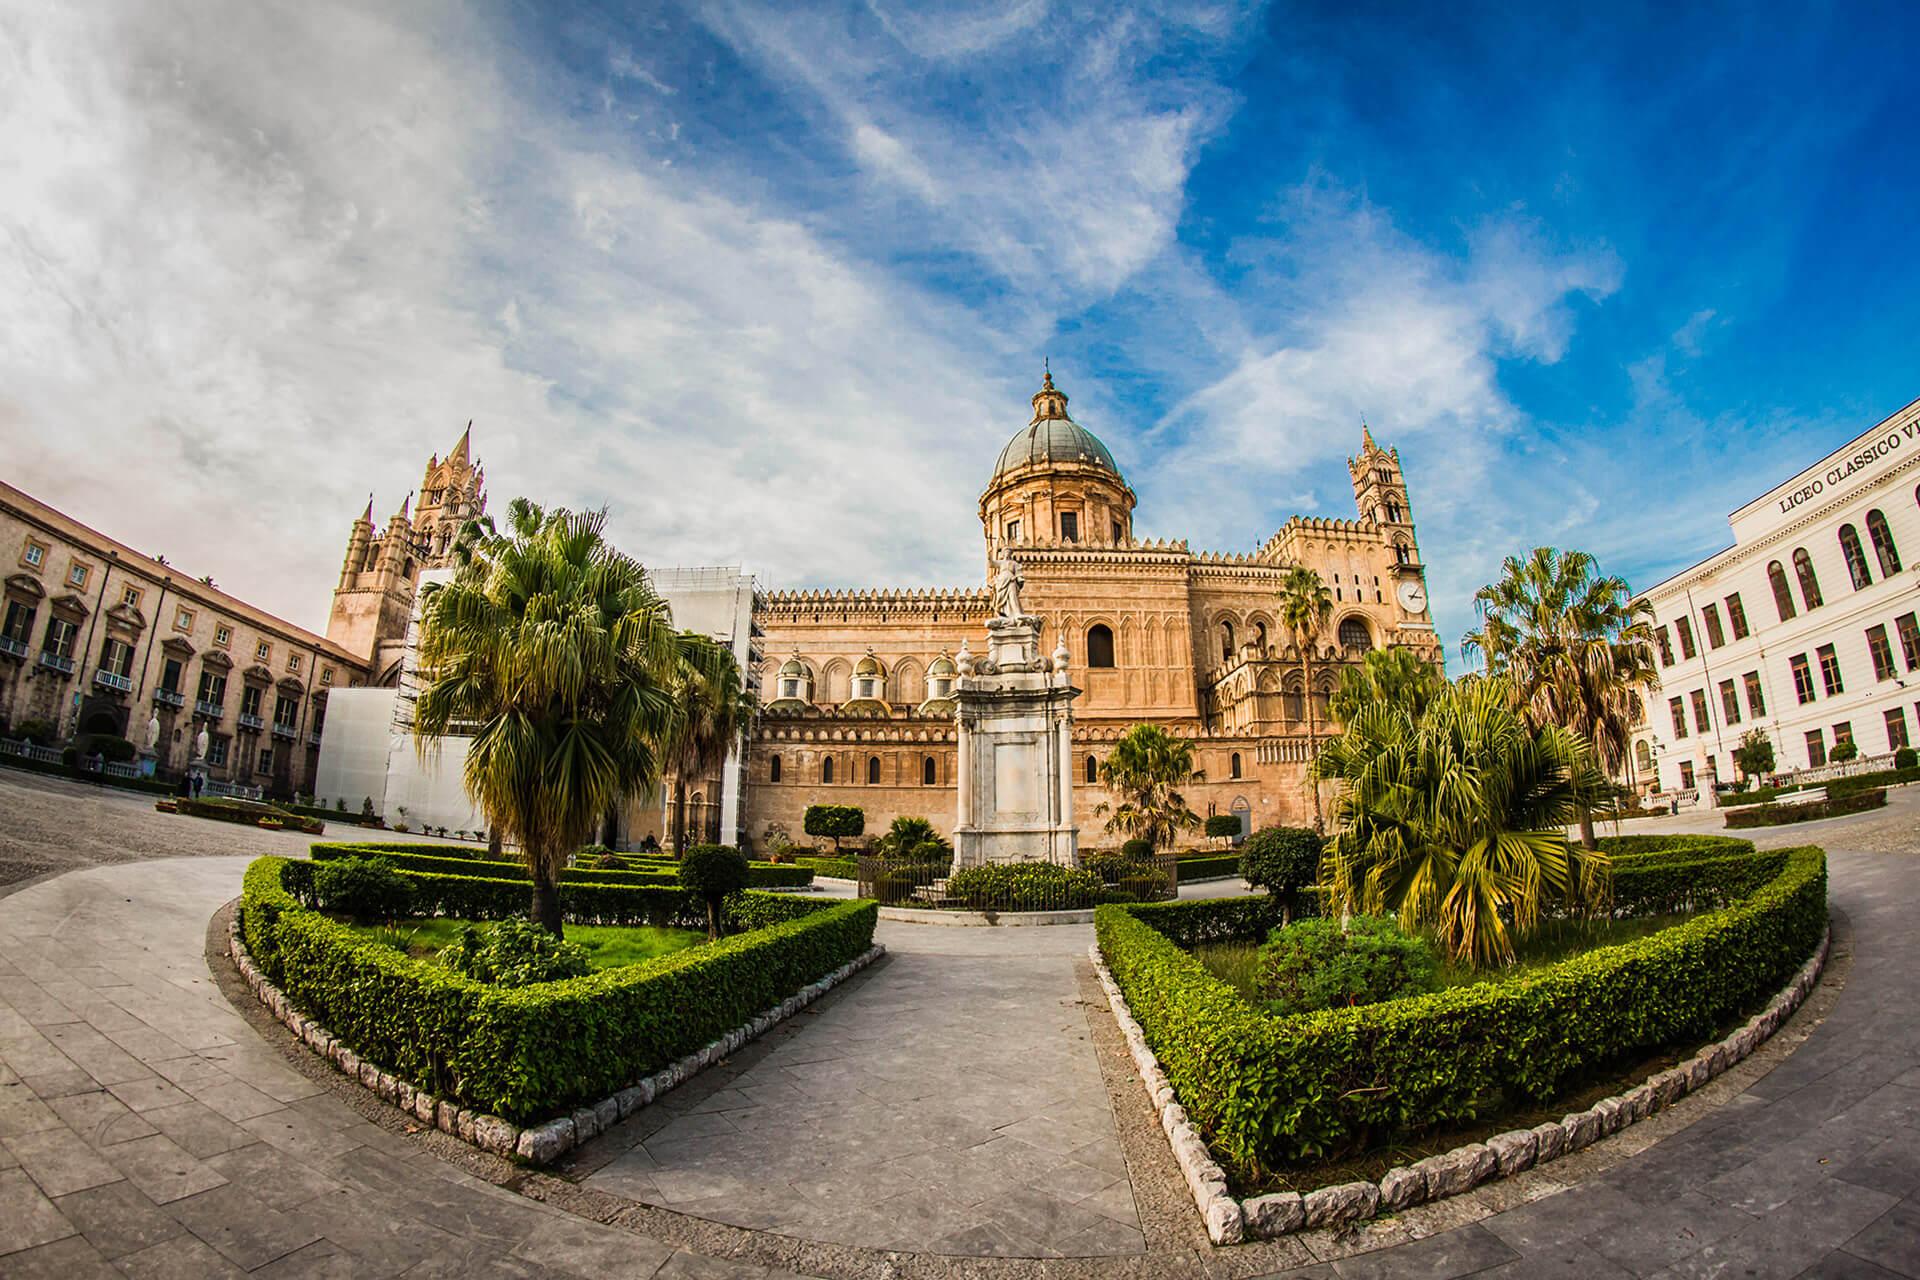 Autonoleggio Palermo - Cattedrale di Palermo - Nolo In Rental Car